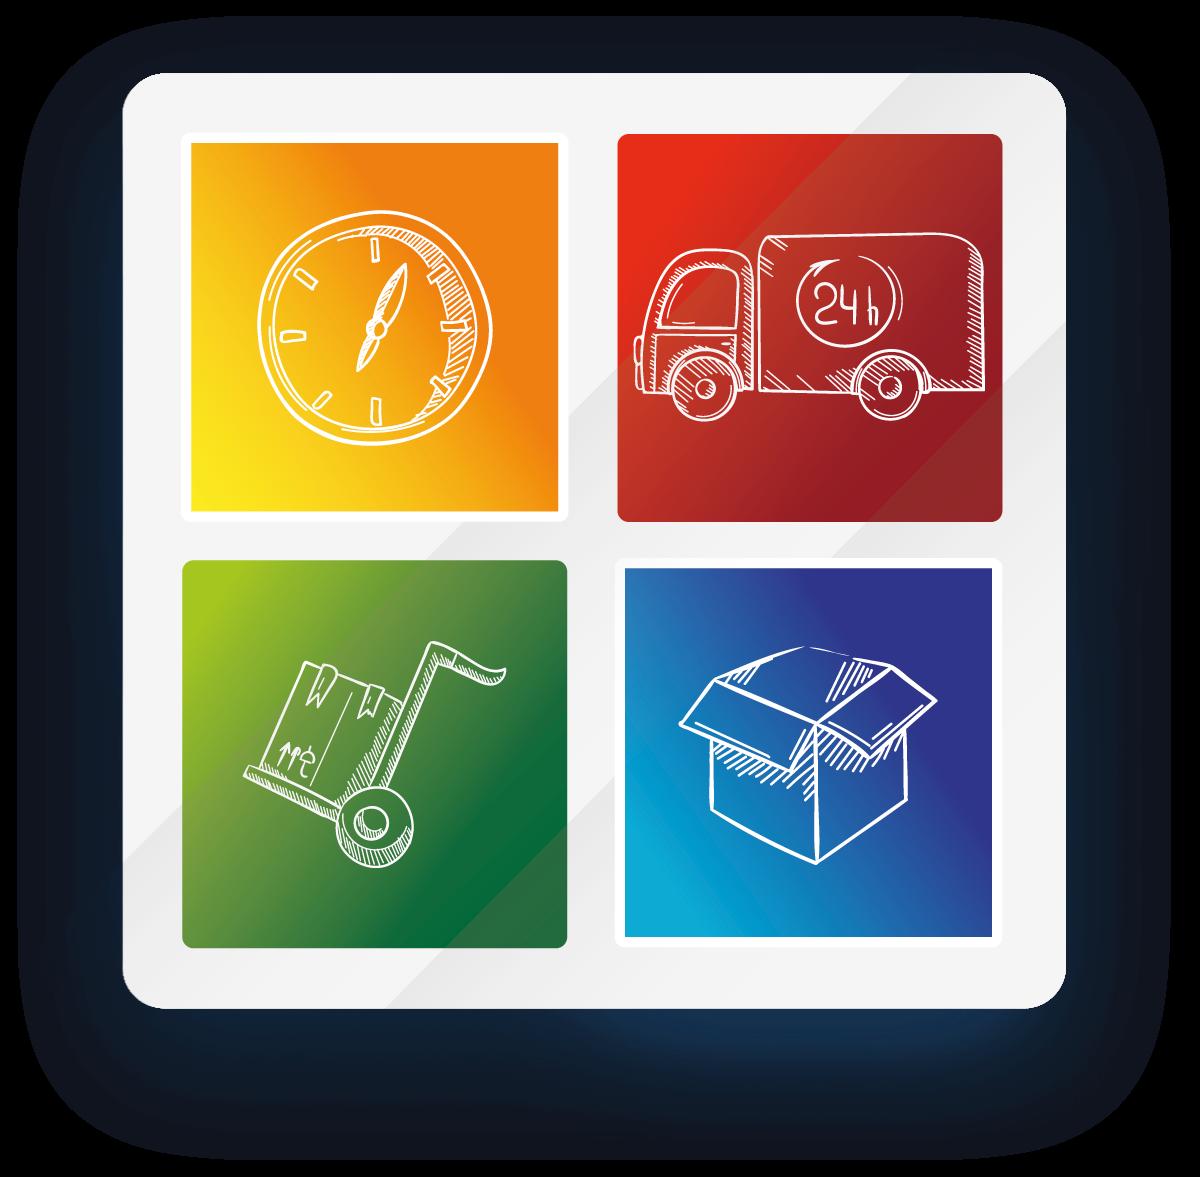 Grafik mit Logofarben und Icons zum Transportunternehmen Hartwig